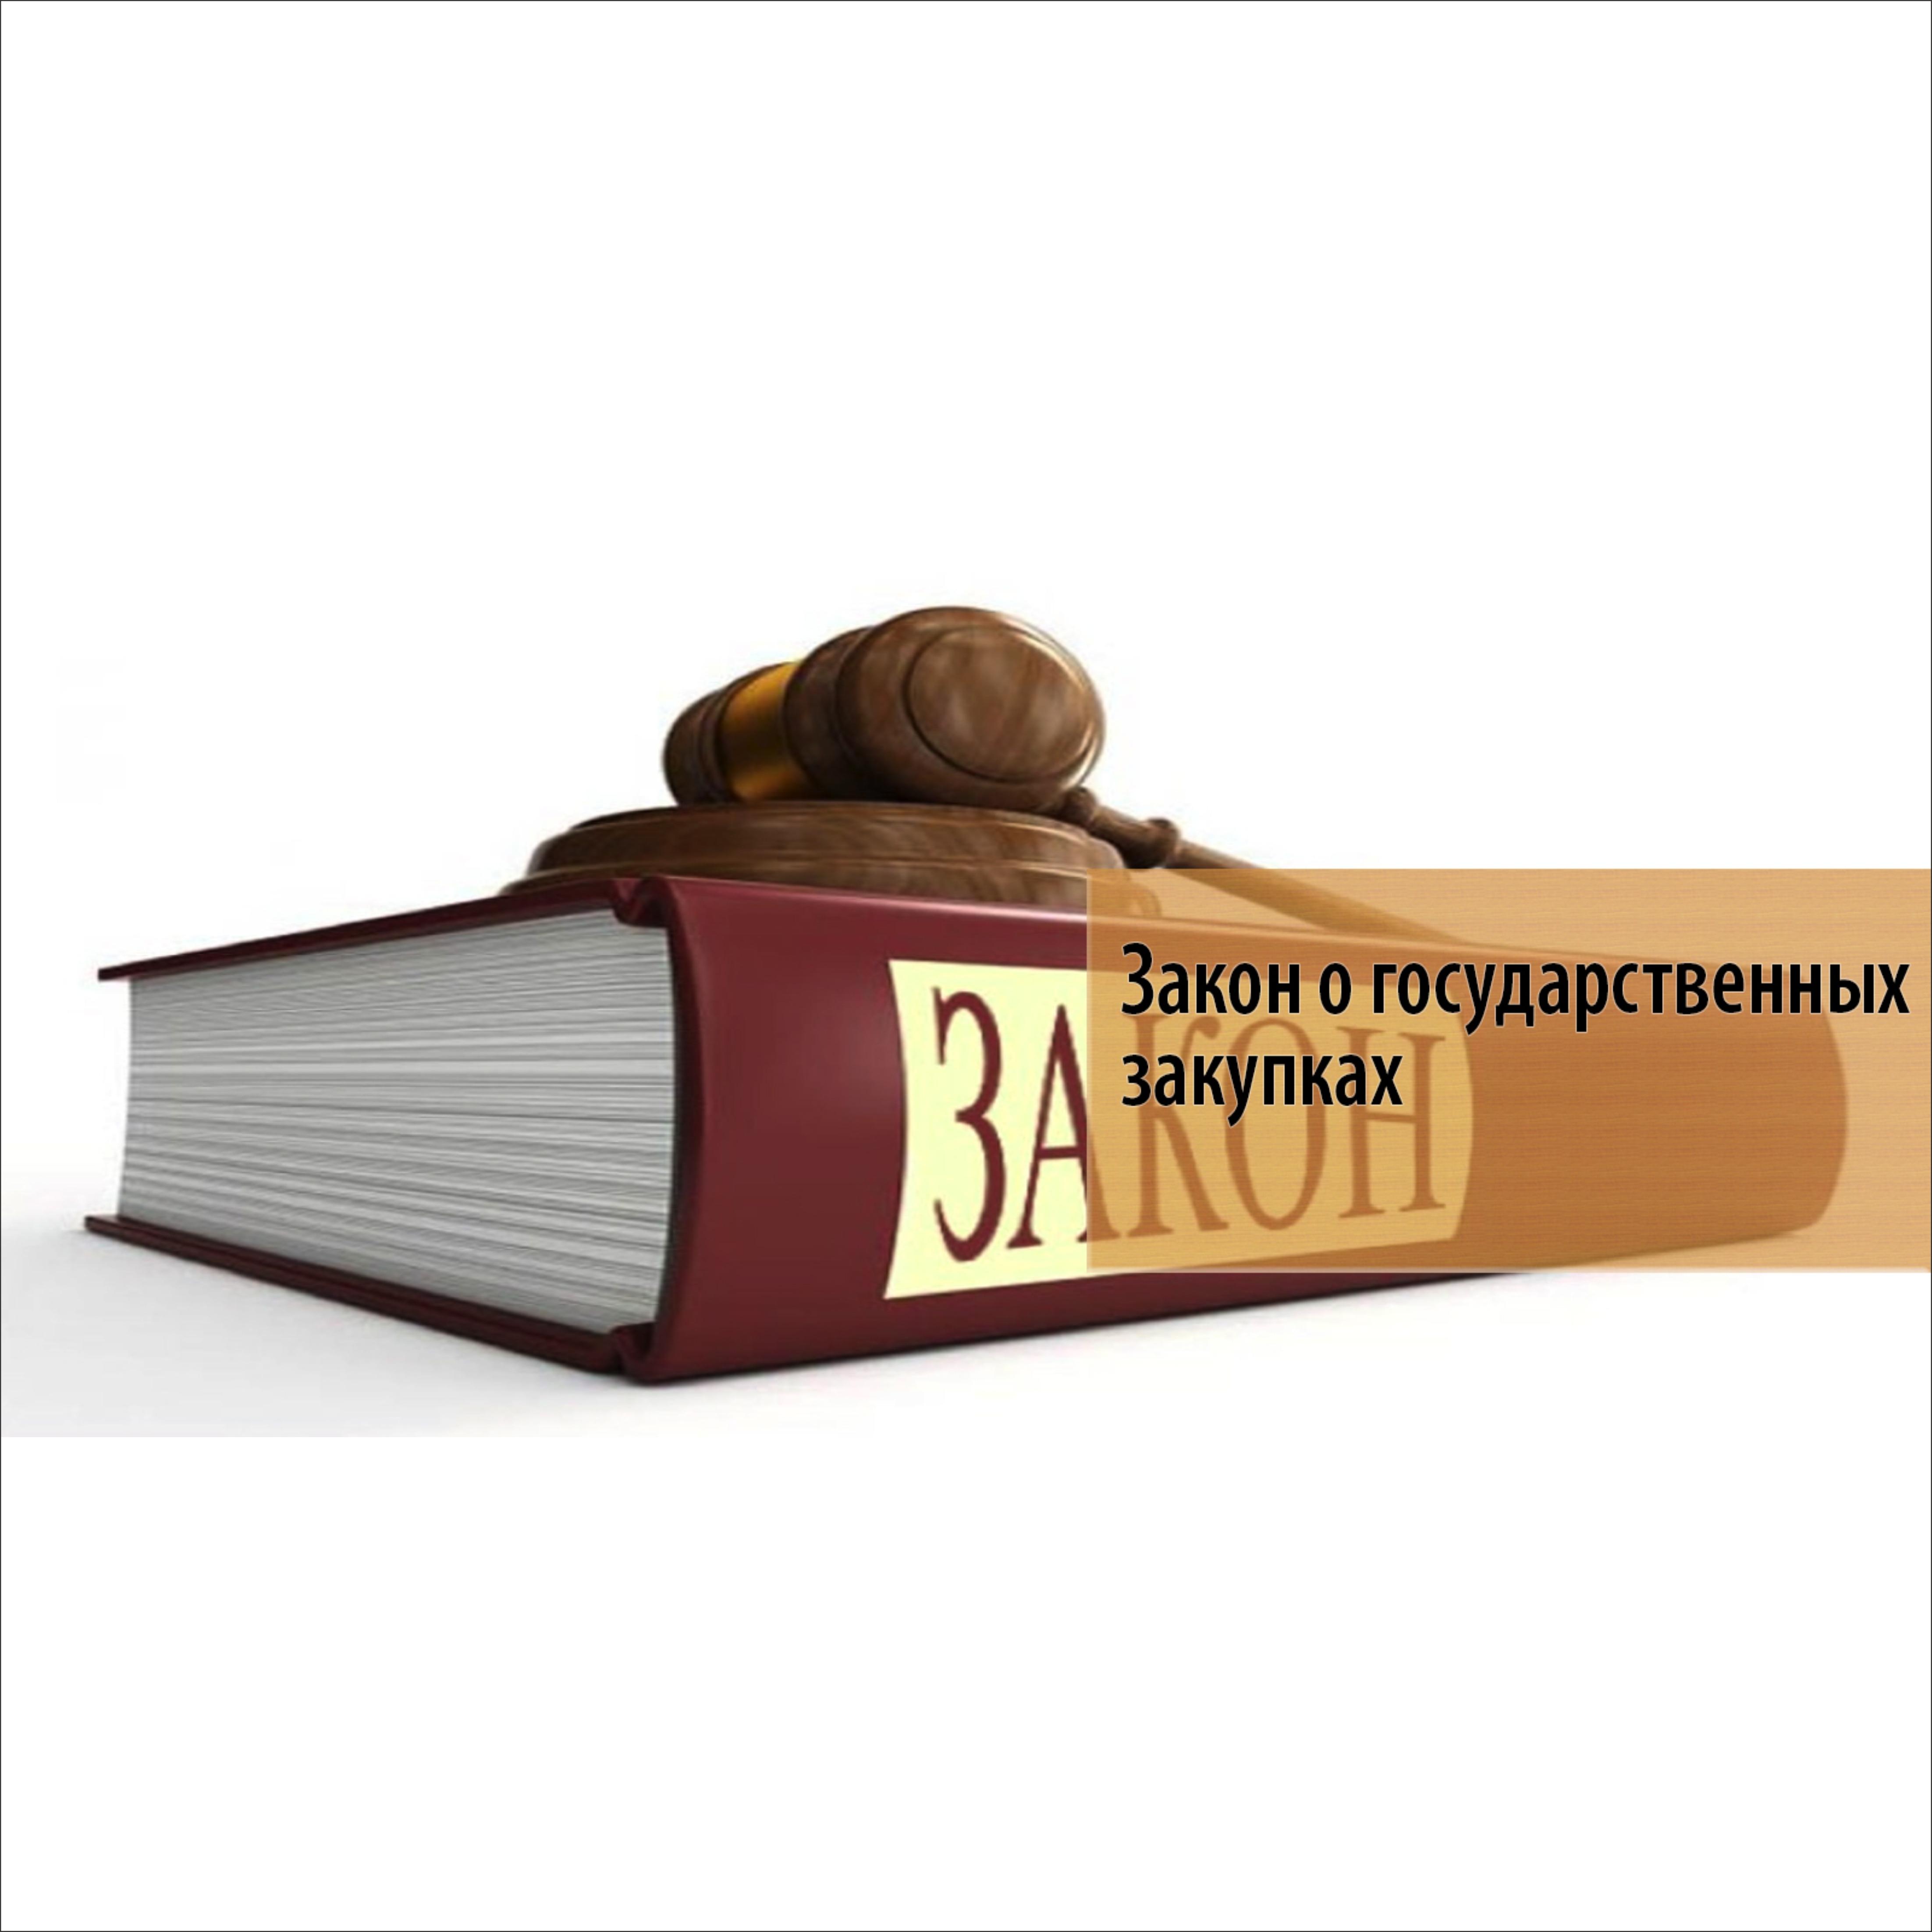 10 ошибок поставщиков при участии в закупках по Закону № 44-ФЗ